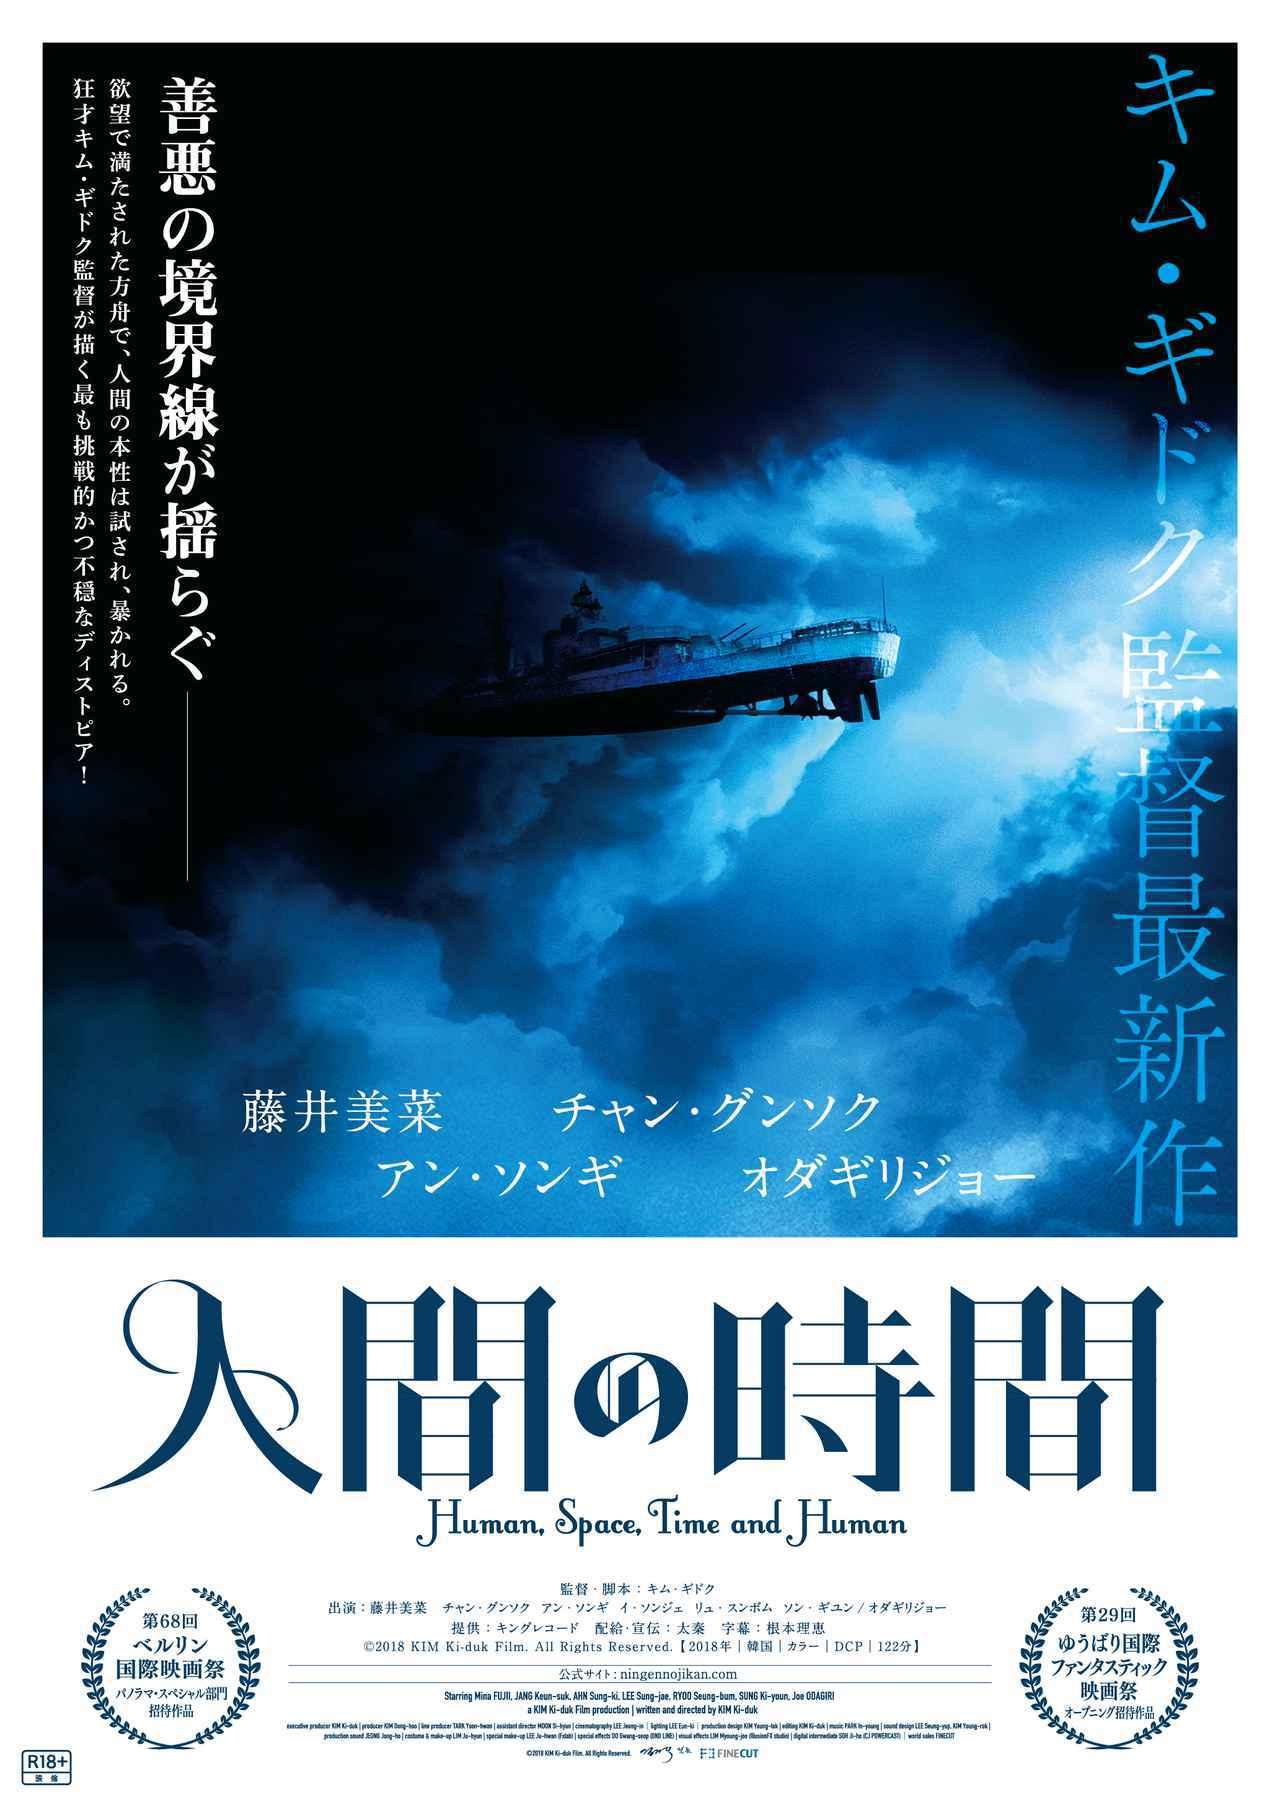 画像1: (c) 2018 KIM Ki-duk Film. All Rights Reserved.